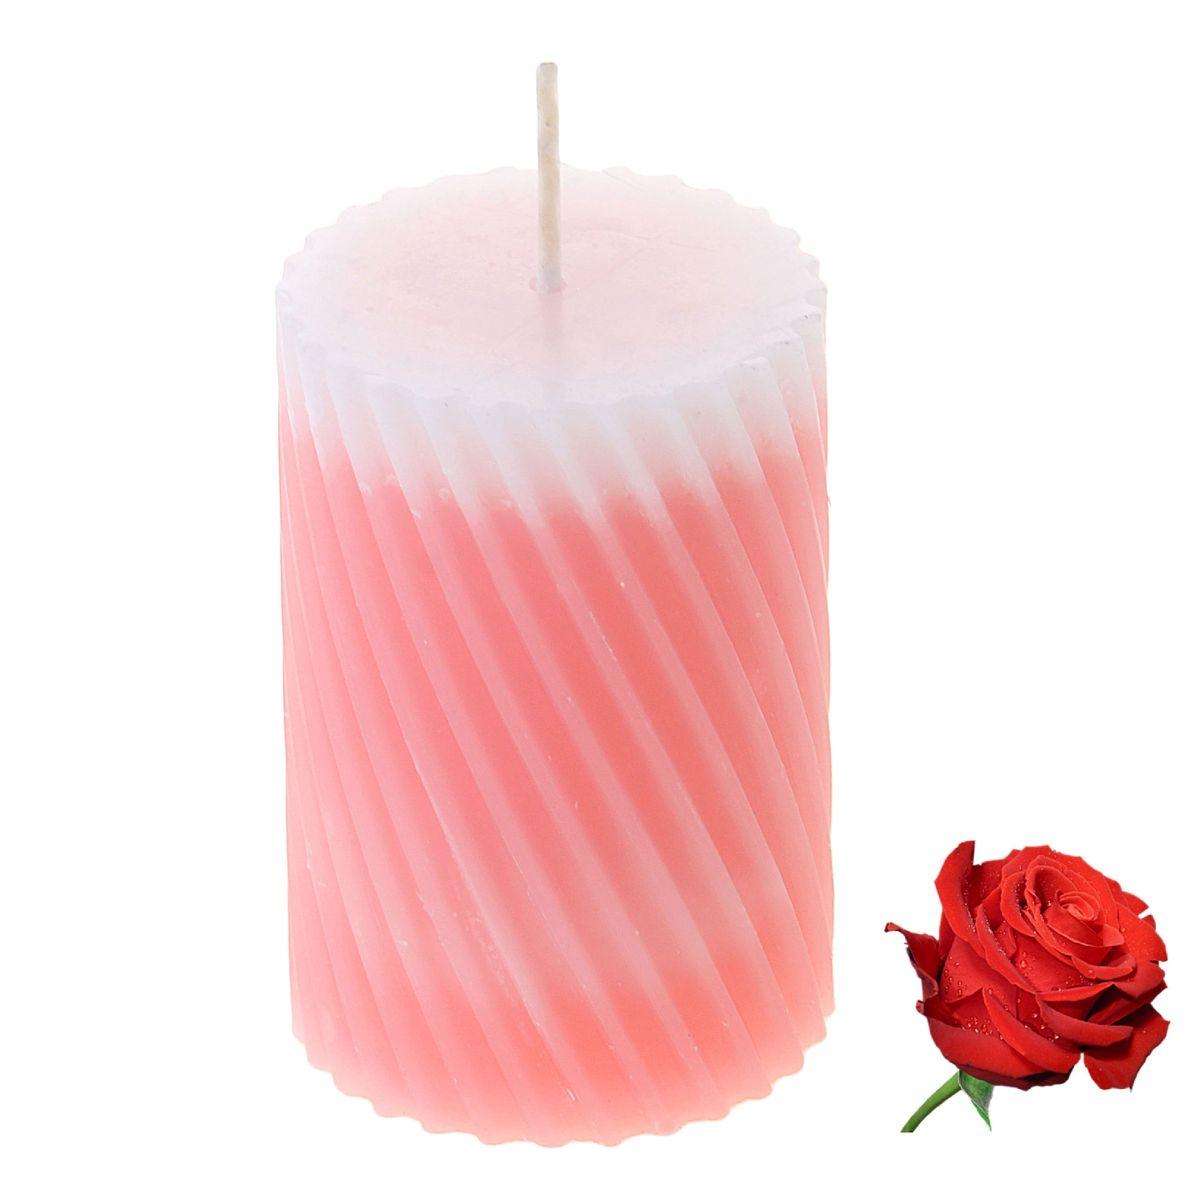 Свеча ароматизированная Sima-land Роза, высота 7,5 см. 849540849540Свеча Sima-land Роза выполнена из воска и оформлена резным рельефом. Свеча порадует ярким дизайном и нежным ароматом розы, который понравится как женщинам, так и мужчинам. Создайте для себя и своих близких незабываемую атмосферу праздника в доме. Ароматическая свеча Sima-land Роза раскрасит серые будни яркими красками.